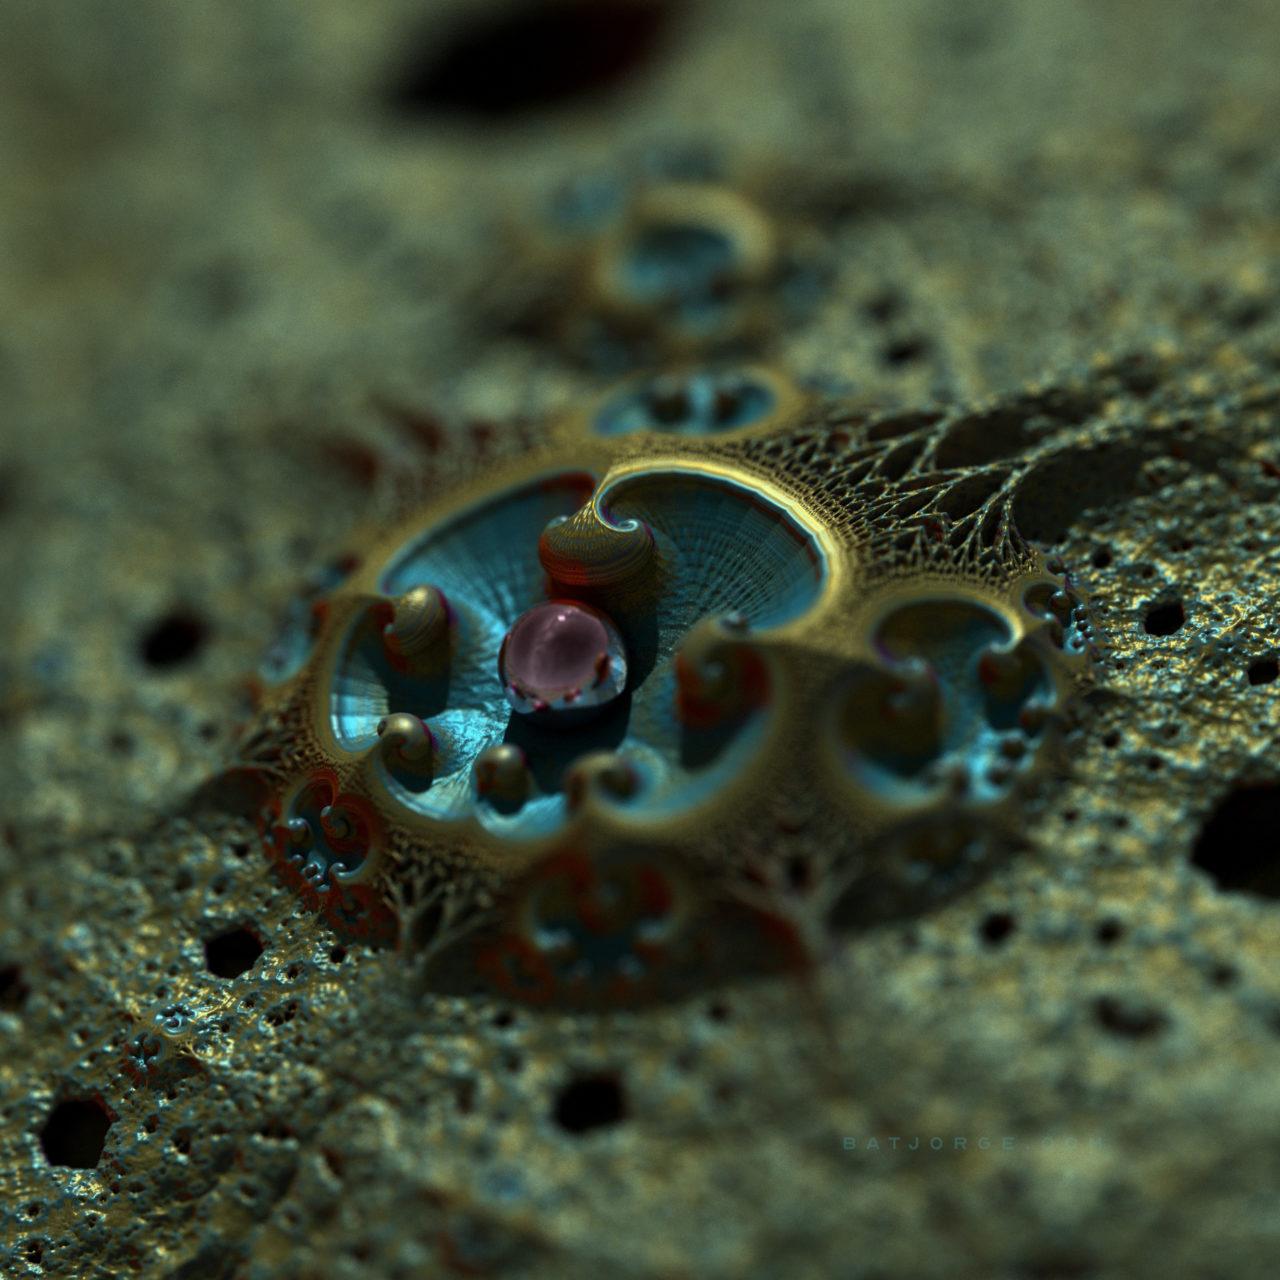 3d fractal.organic look. depth of field. pearl or sphere